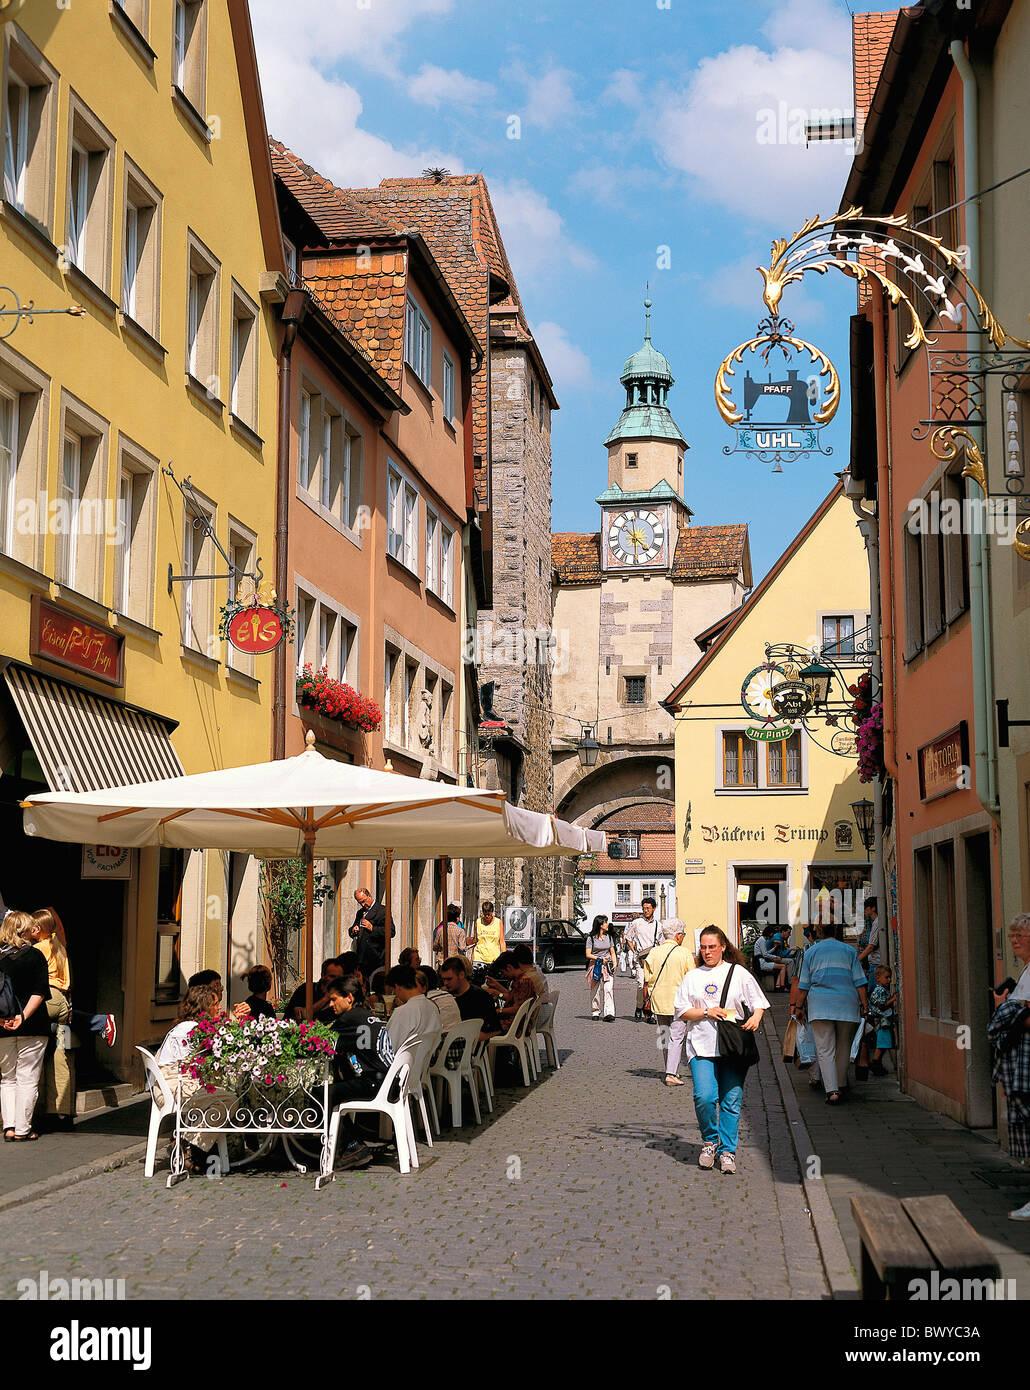 Old Town Deutschland Europa Fachwerk Häuser Leben Personen Marcus Turm Rothenburg Street café Stockbild